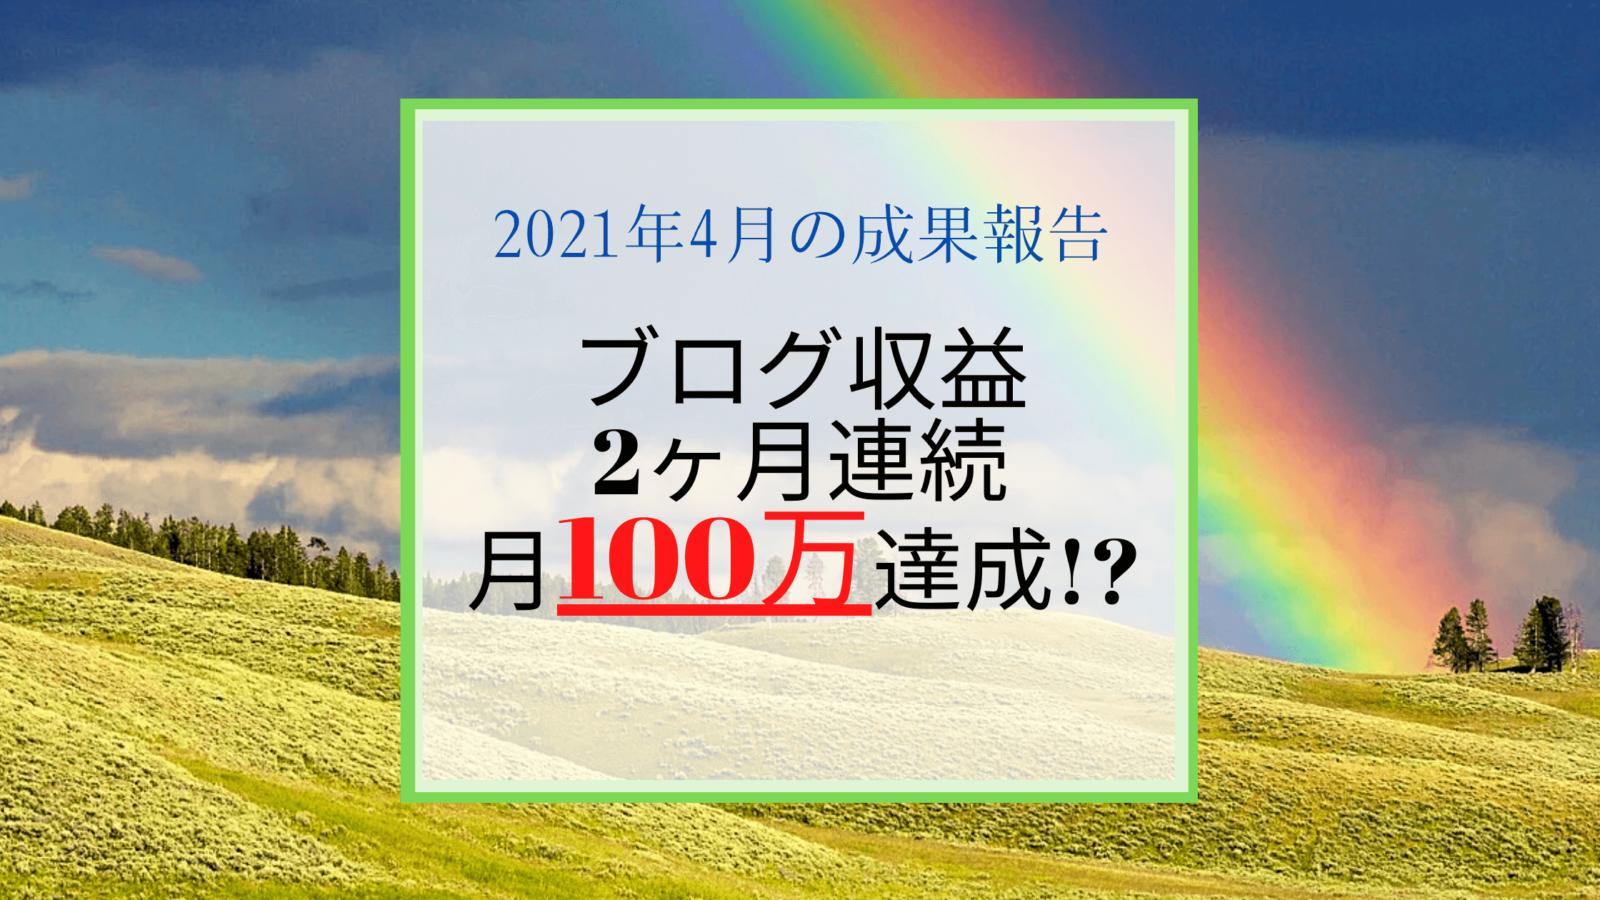 【2021.4月成果報告】2ヶ月連続、月100万越え達成した収益の内訳